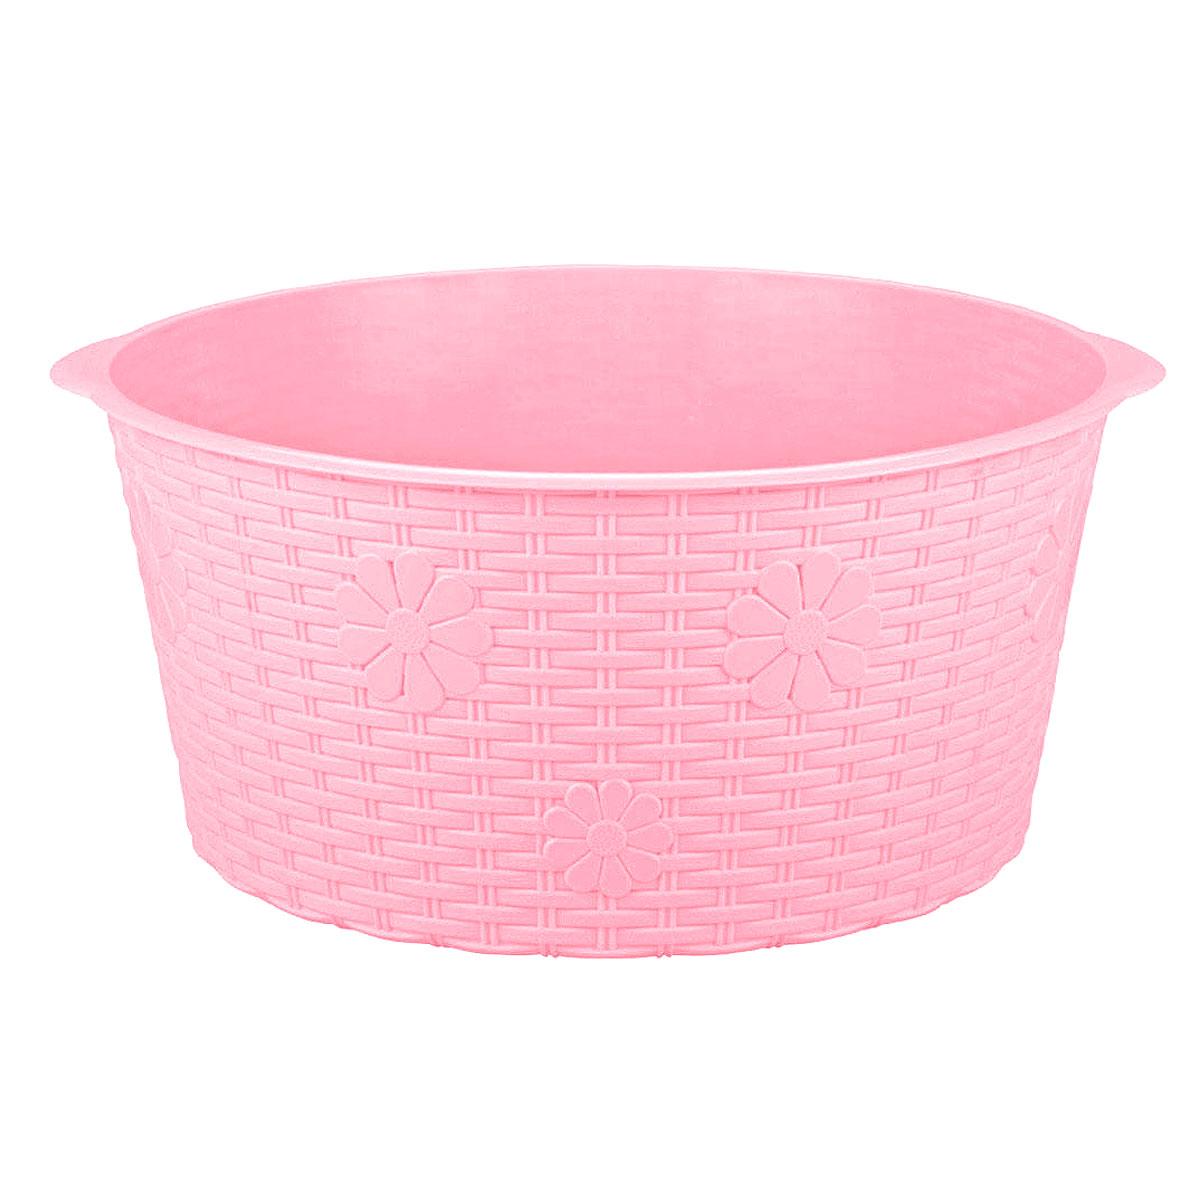 Таз Альтернатива Плетенка, цвет: розовый, 20 лМ2257Таз Альтернатива Плетенка изготовлен из высококачественного пластика. Он выполнен в классическом круглом варианте. Для удобного использования таз снабжен двумя ручками. Таз предназначен для стирки и хранения разных вещей. Он пригодится в любом хозяйстве. Объем: 20 л.Диаметр (по верхнему краю с учетом ручек): 45 см. Диаметр (по верхнему краю без учета ручек): 42 см. Высота: 20 см.